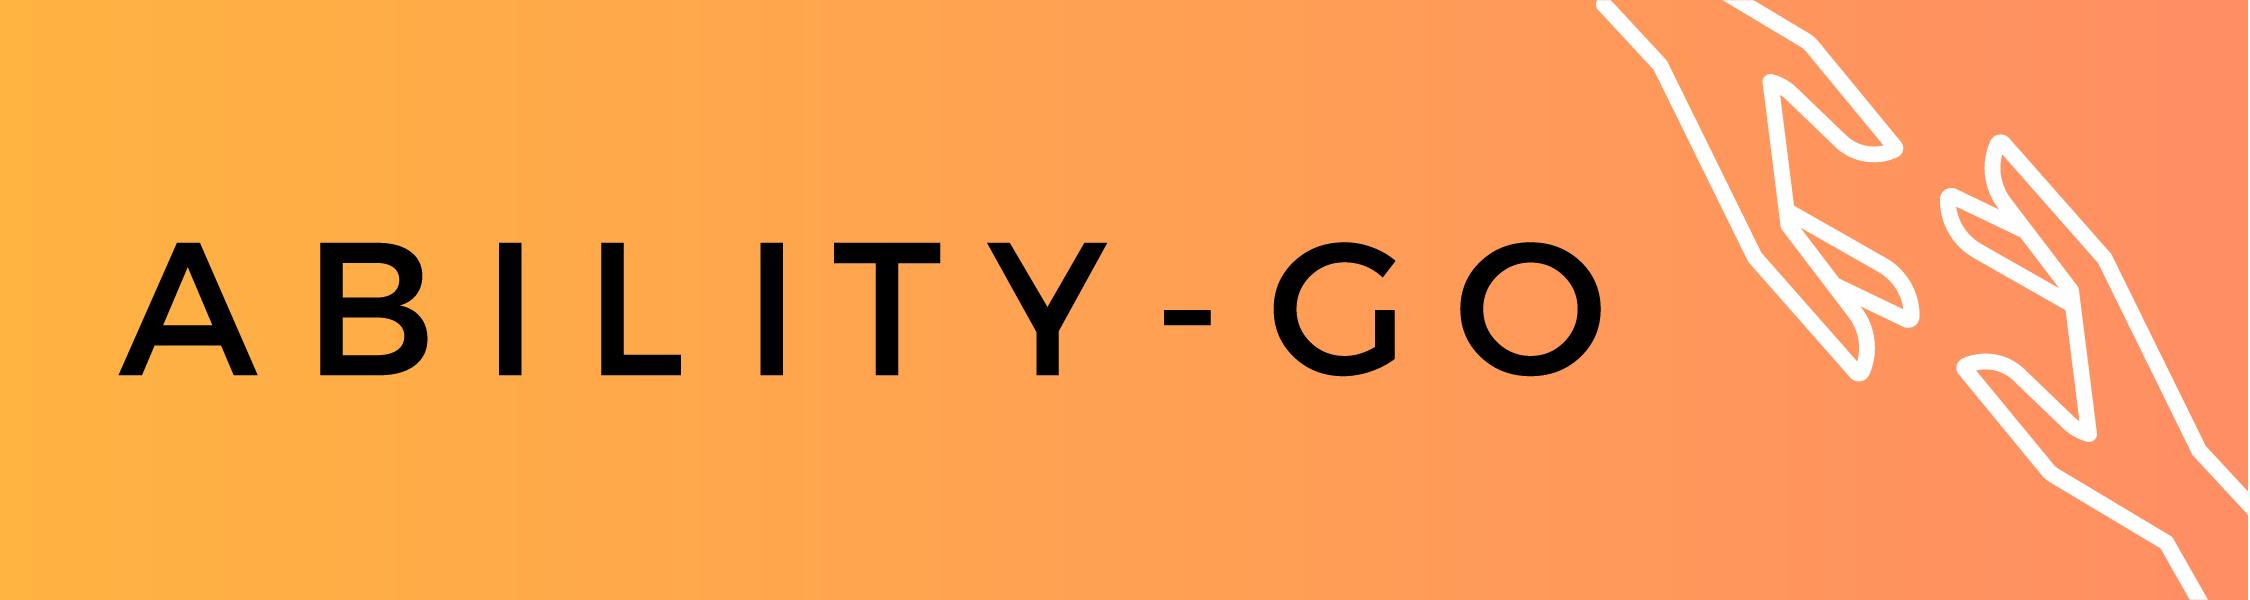 Ability-Go